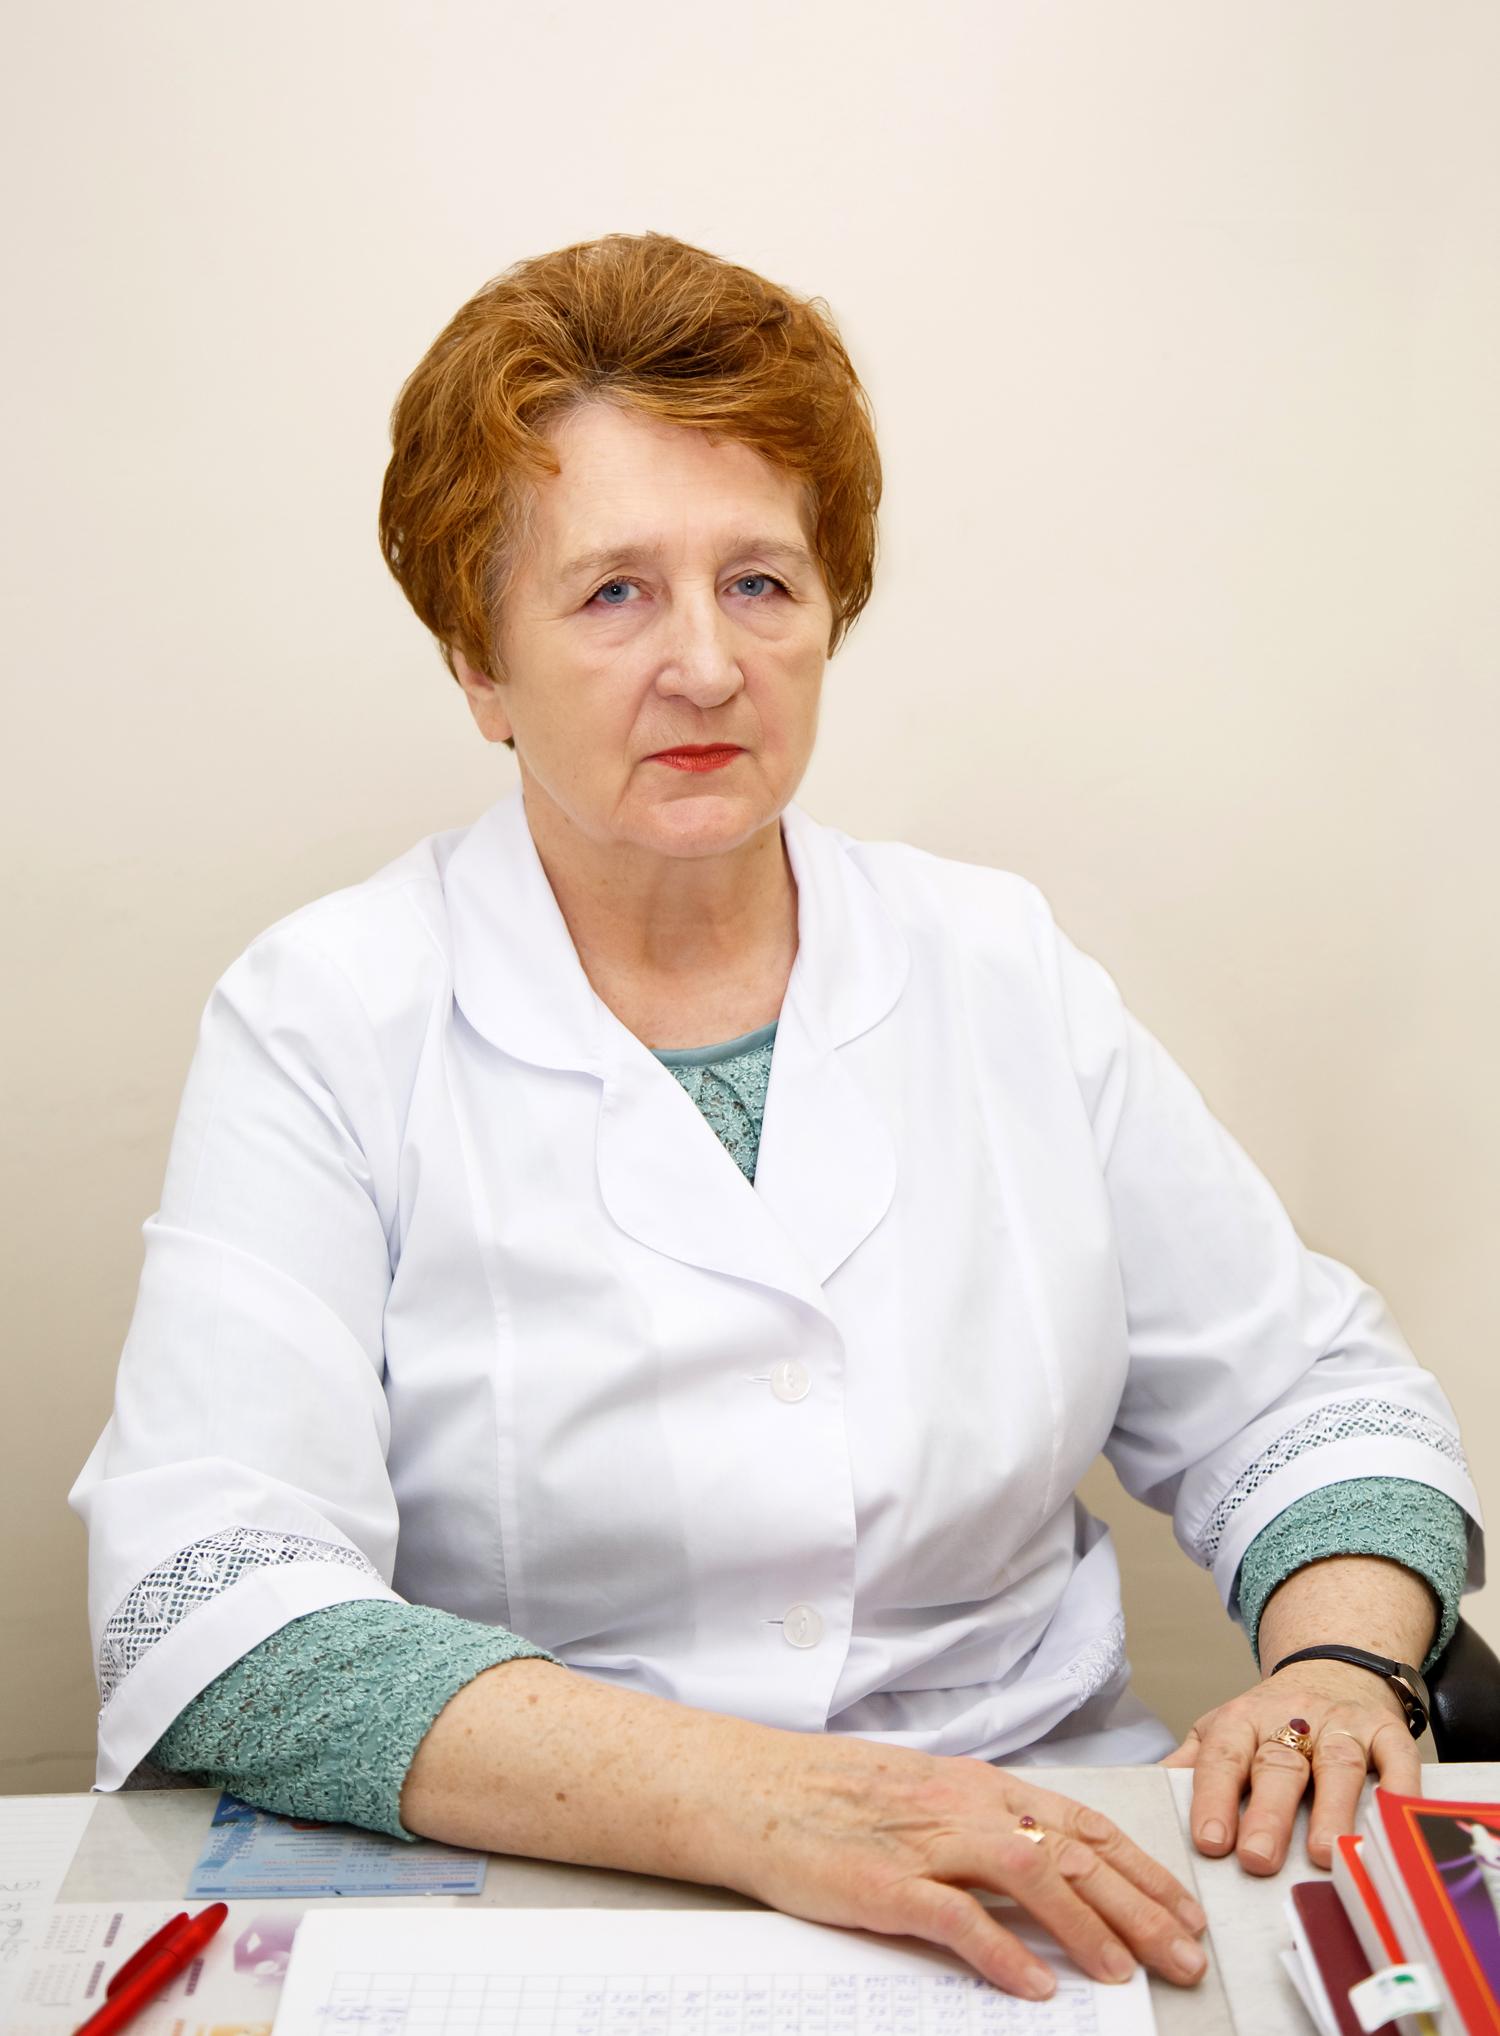 Официальный сайт краевой клинической больницы барнаула